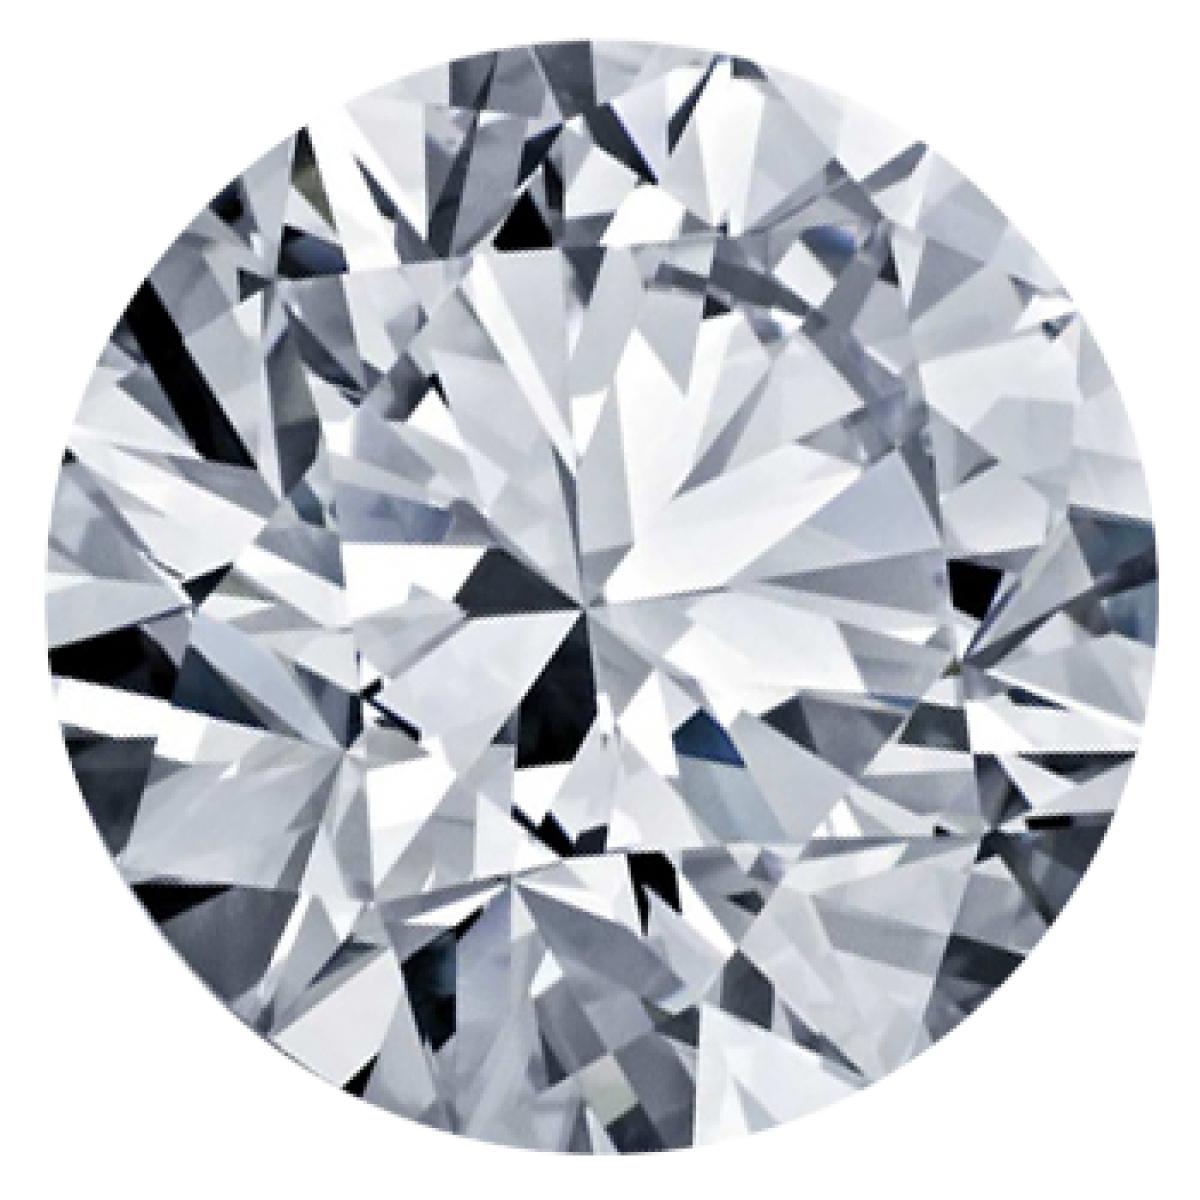 2CT Round H SI2 Lab Grown Diamond 6225